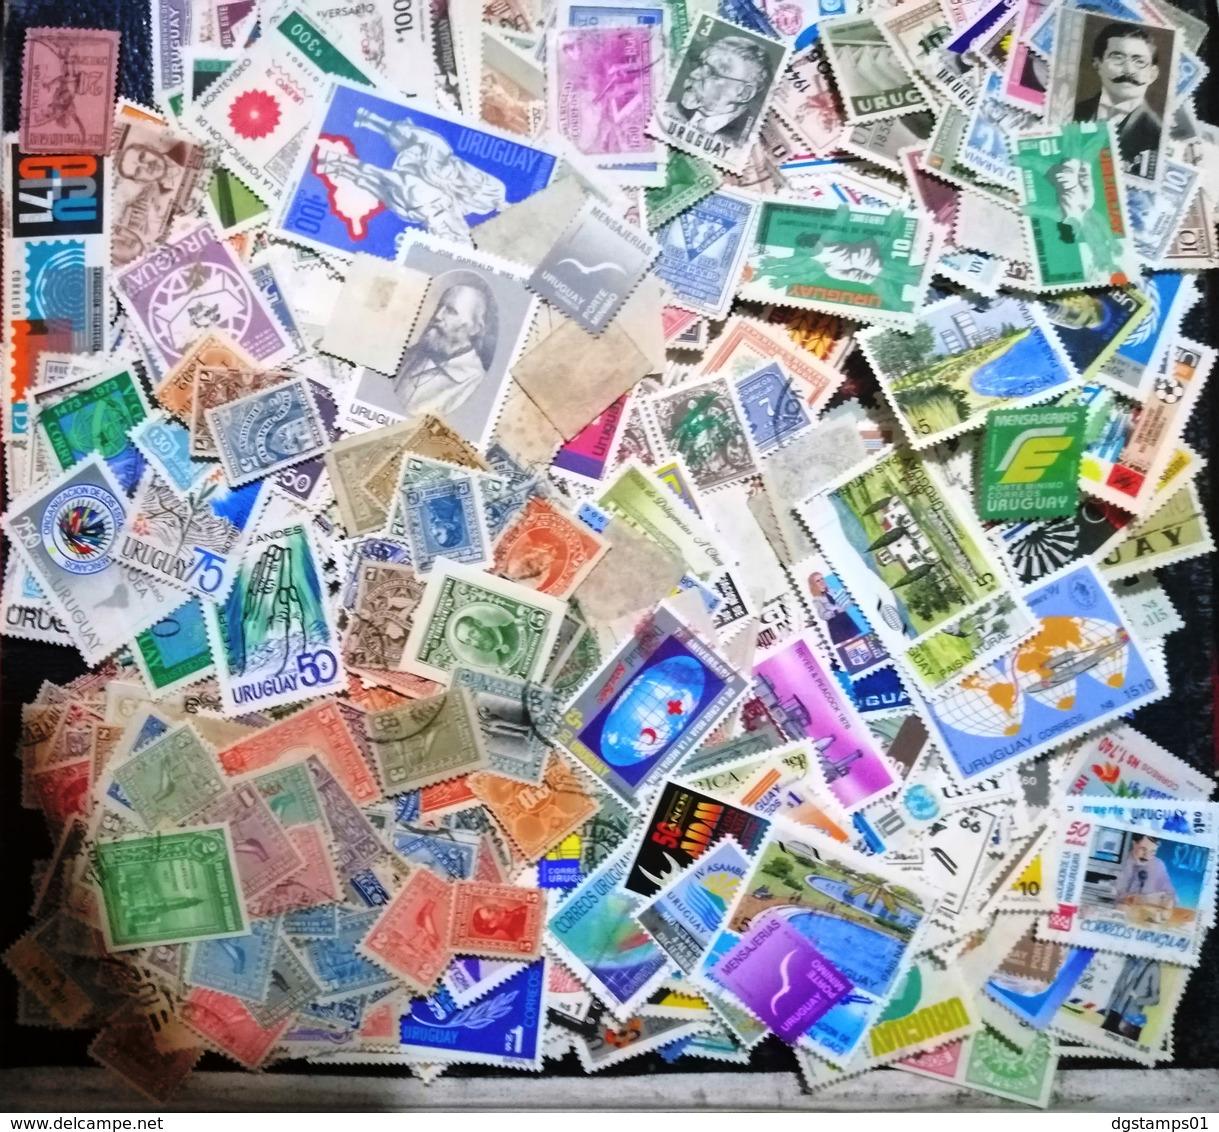 Uruguay Extraordinario Paquete De 2.000 Estampillas Diferentes. Seleccionadas. NO LO PIERDA. ESTÁ A MITAD DE PRECIO! - Stamps